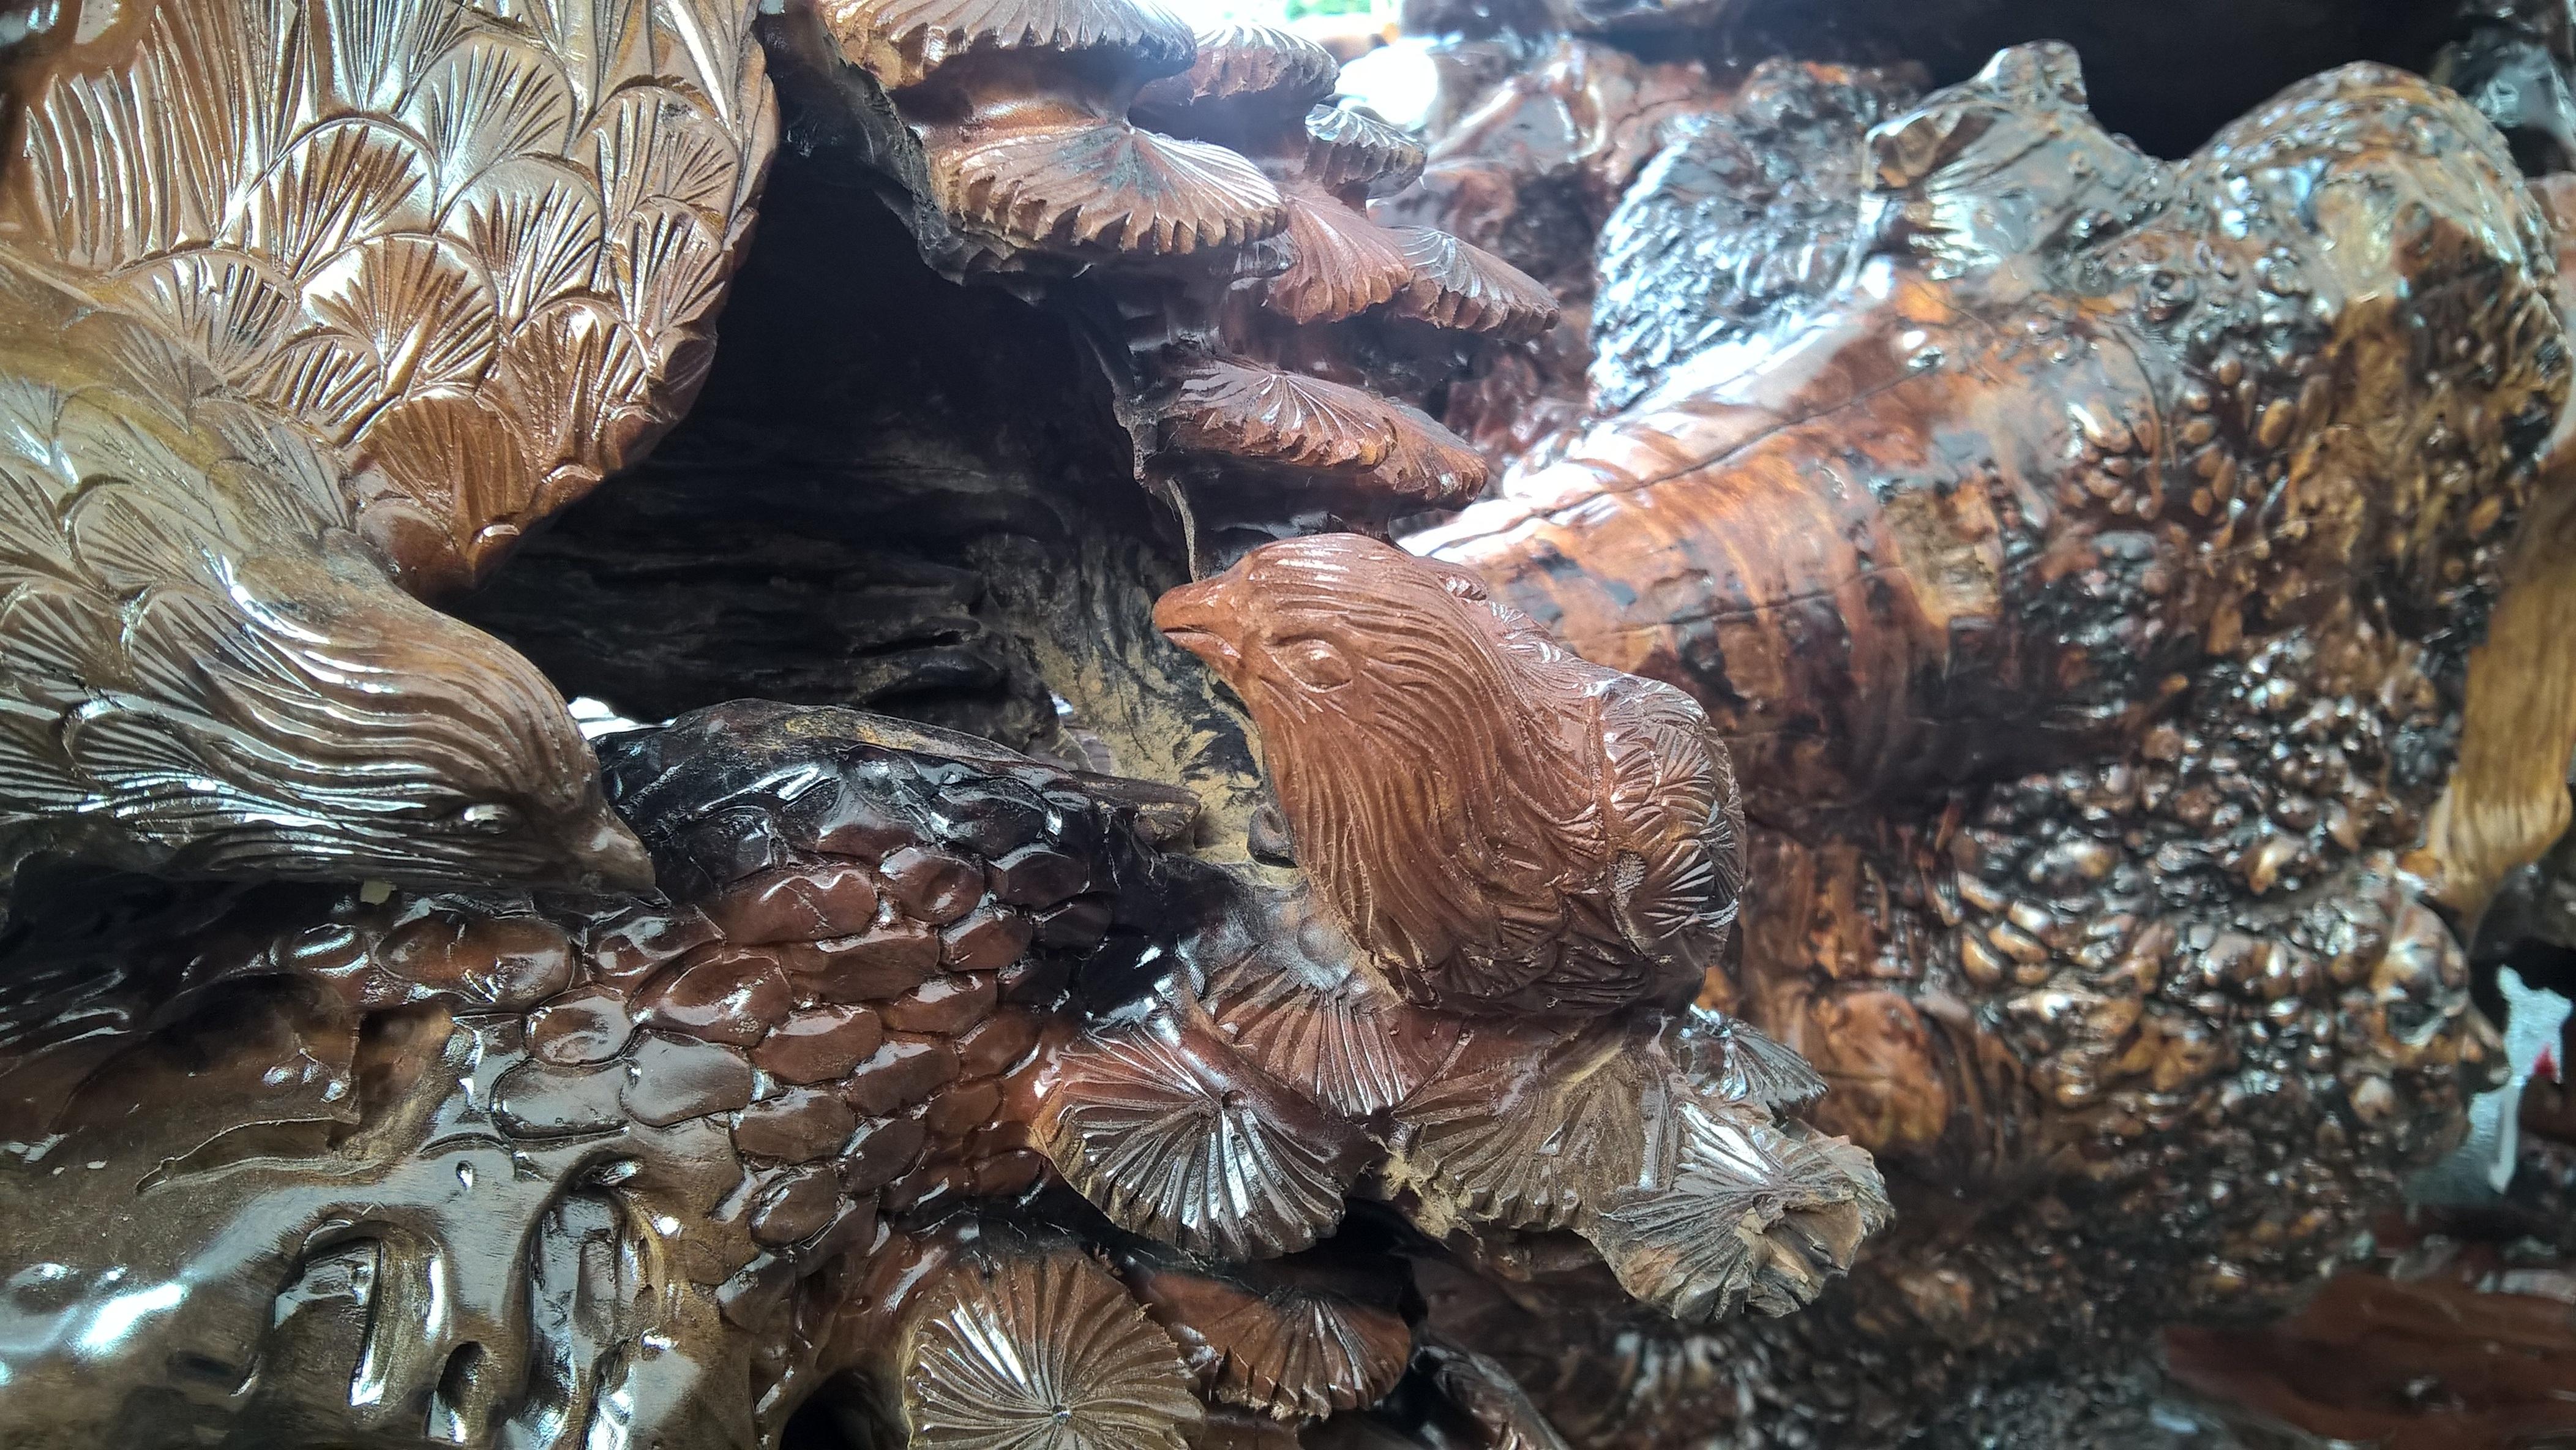 Cận cảnh bộ bàn ghế gỗ nu được rao bán hơn 1 tỷ đồng tại Hà Nội - 7